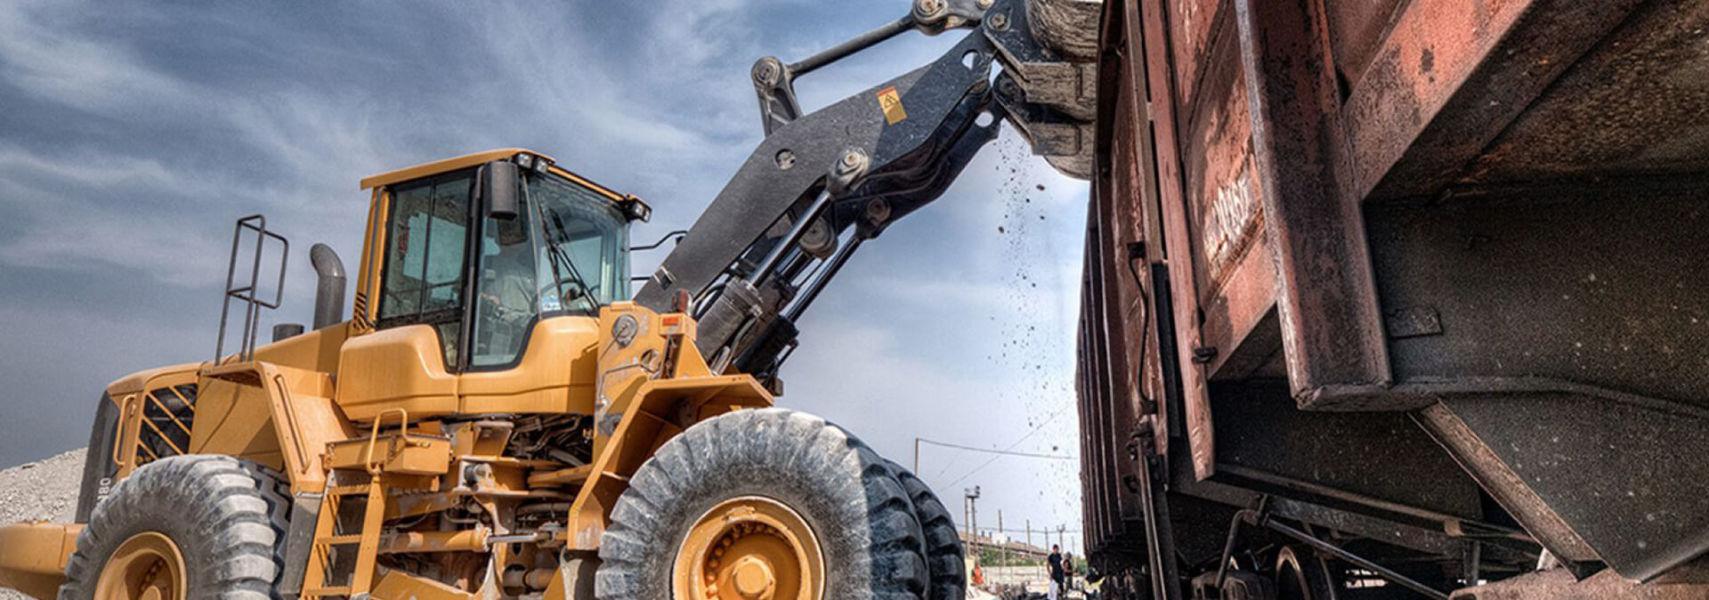 Mining Header Image